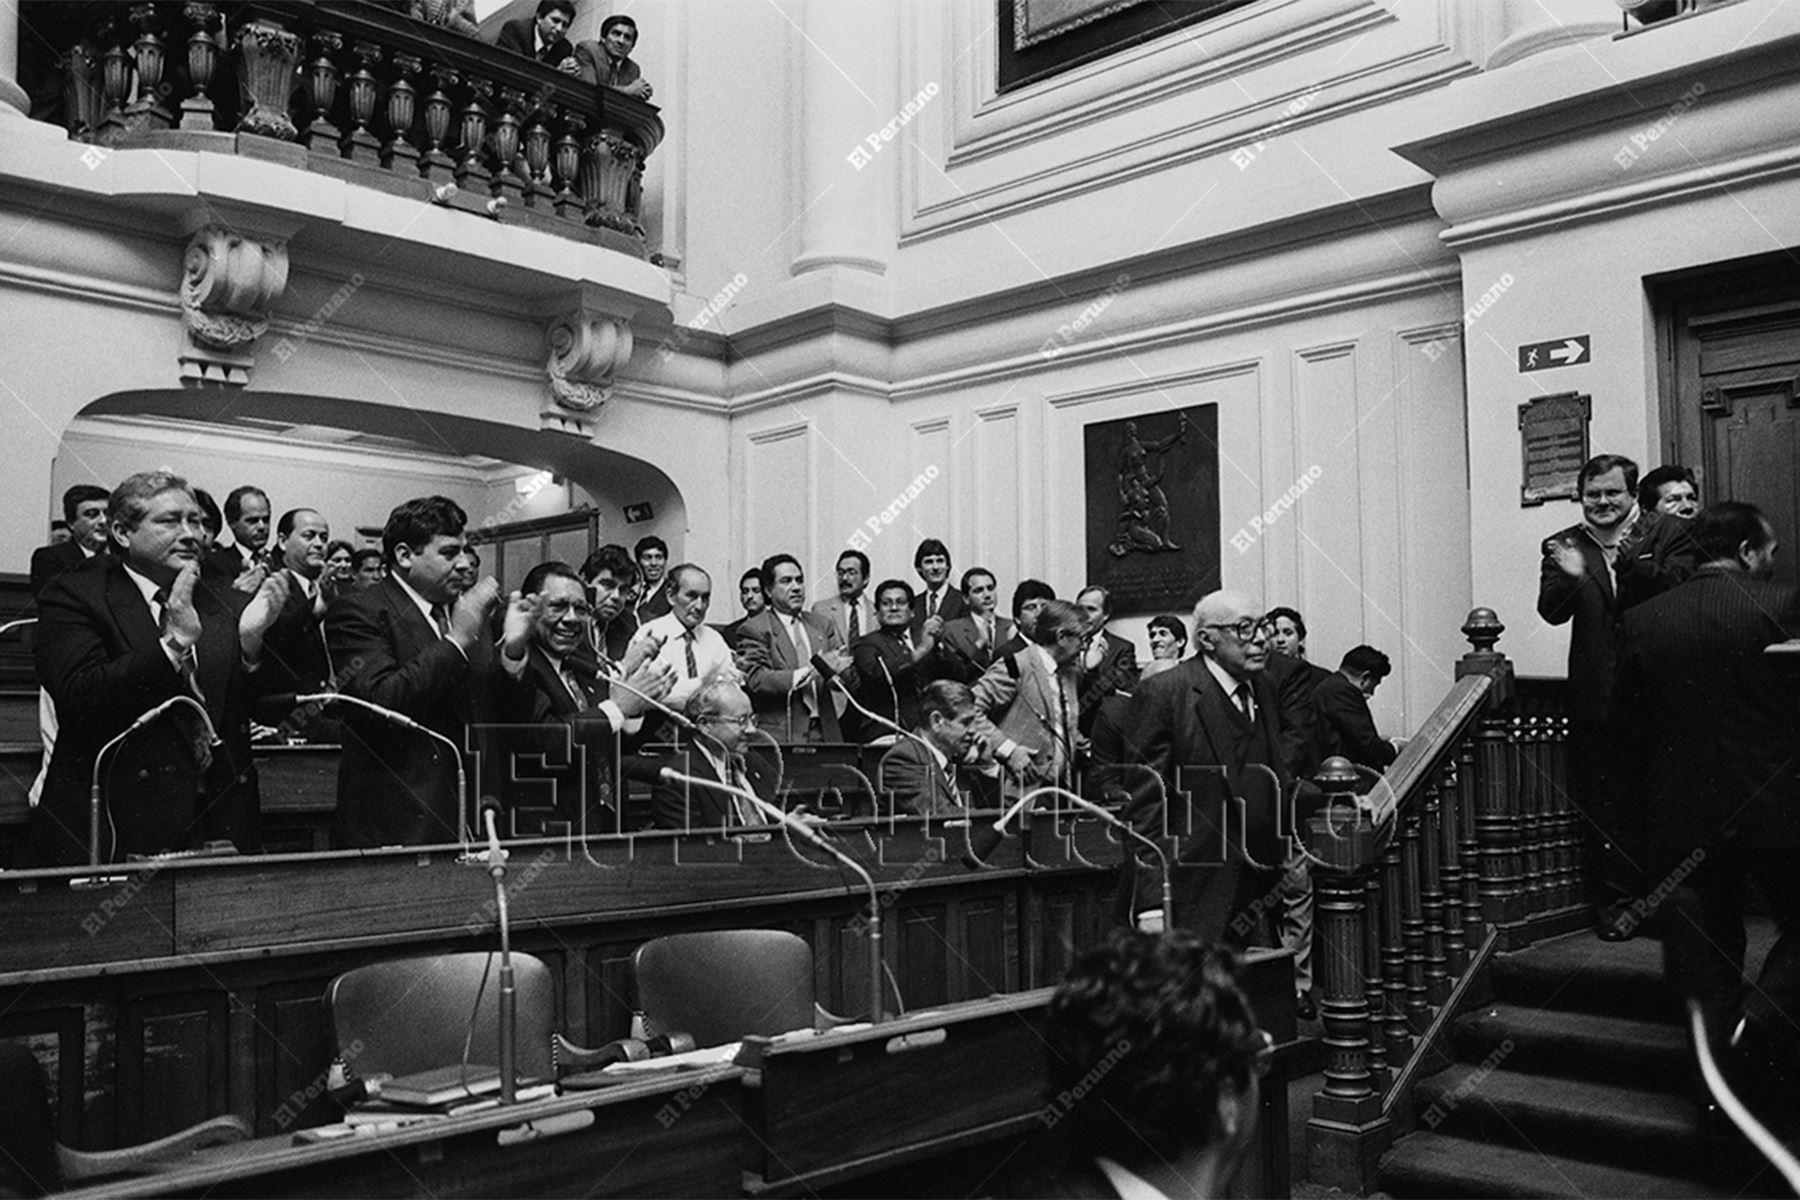 Lima - 26 julio 2007 / Elección de Roberto Raírez del Villar como presidente del Cámara de Diputados del Congreso de la República.  Foto: Archivo Histórico de El Peruano / Jorge Paz